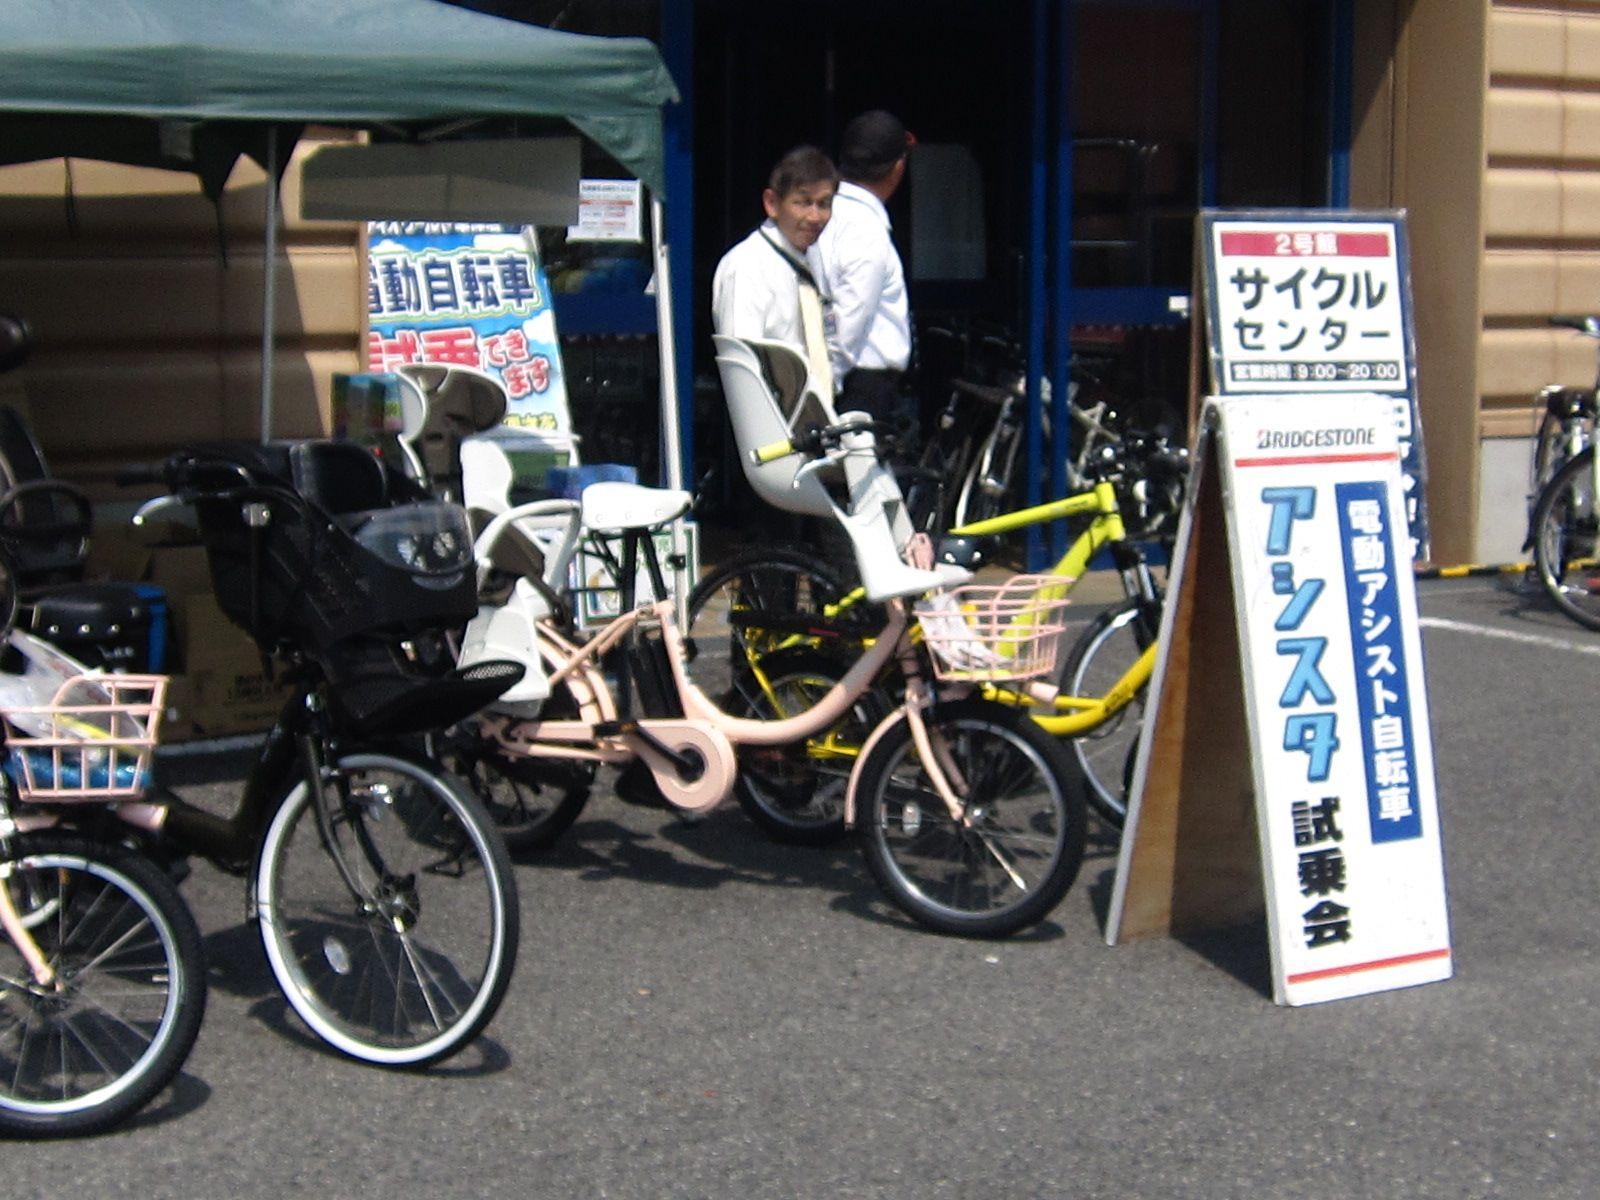 自転車の 自転車デポ高針 : ギミックの多さが特徴のTern ...